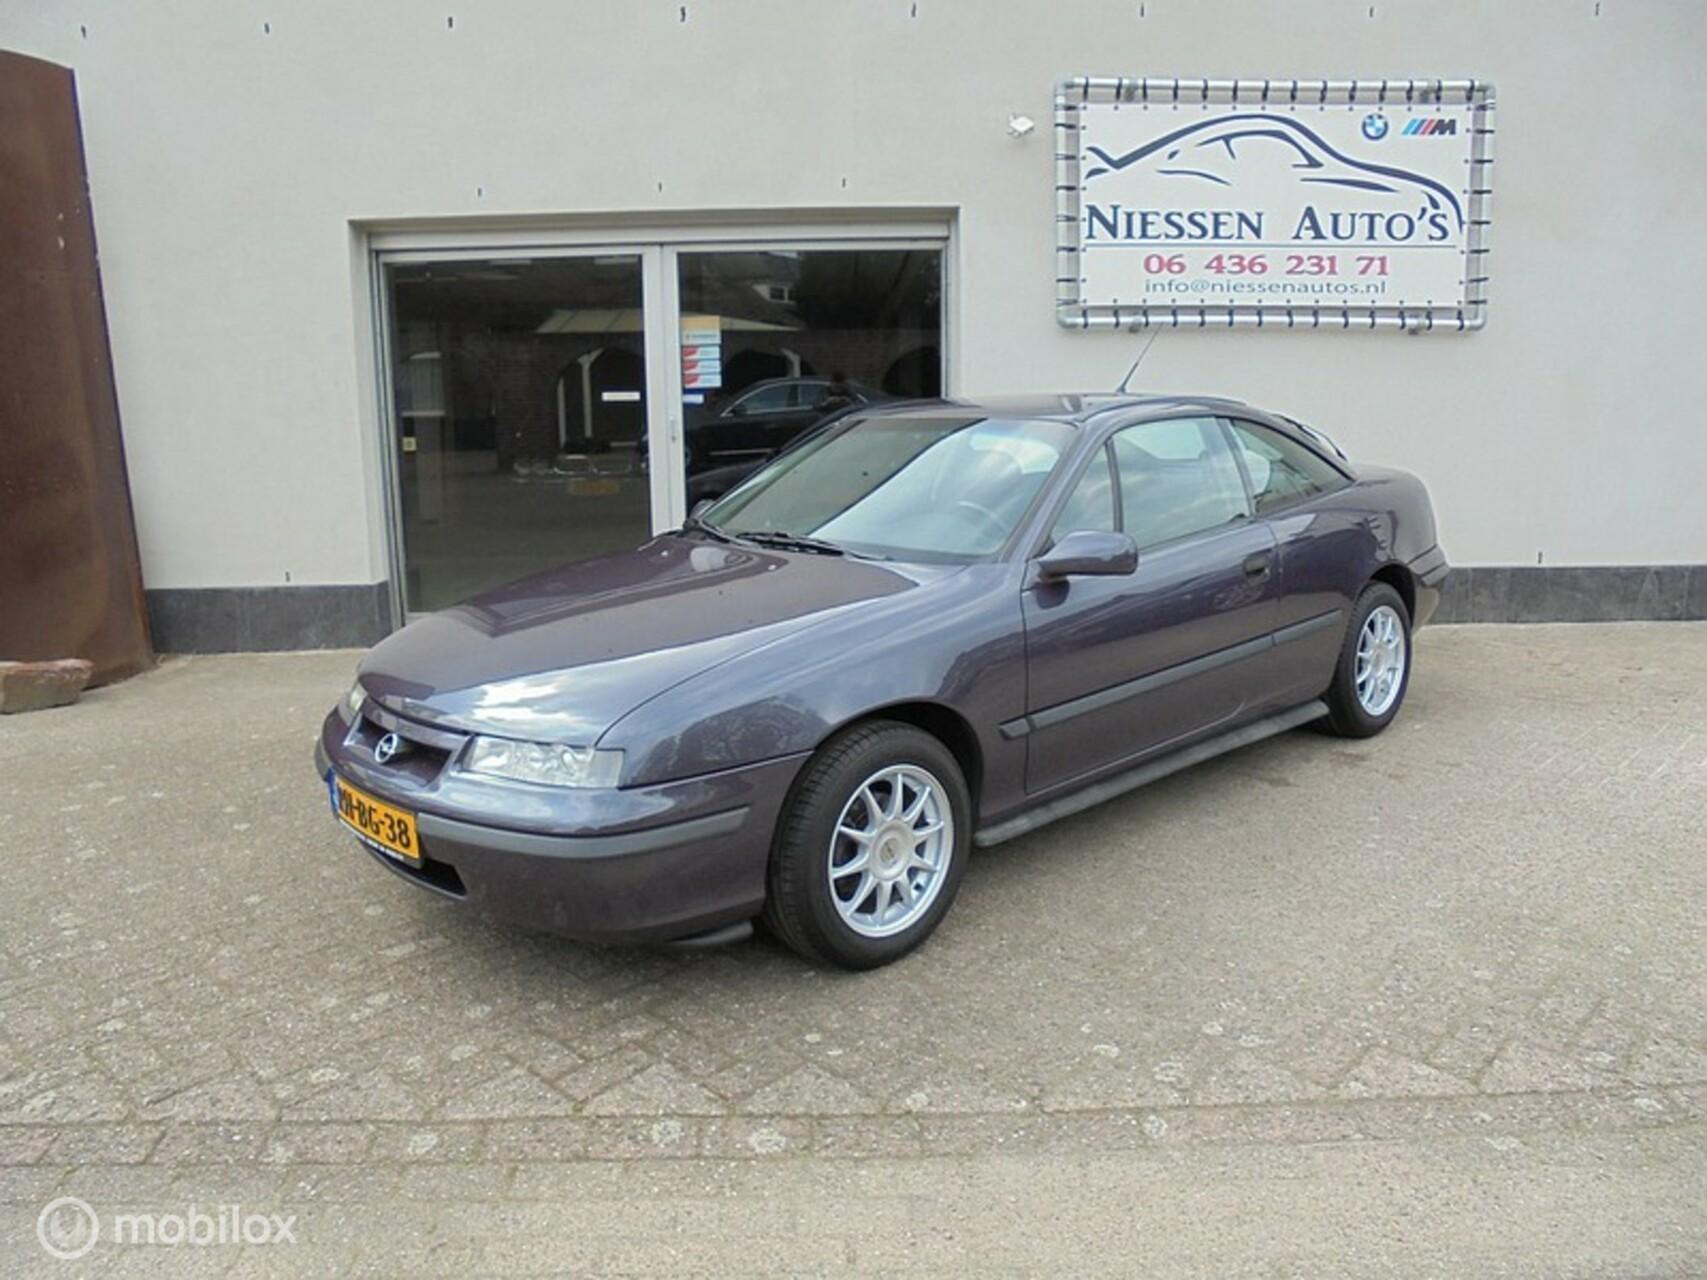 Opel Calibra 2.0i-16V Special Edition